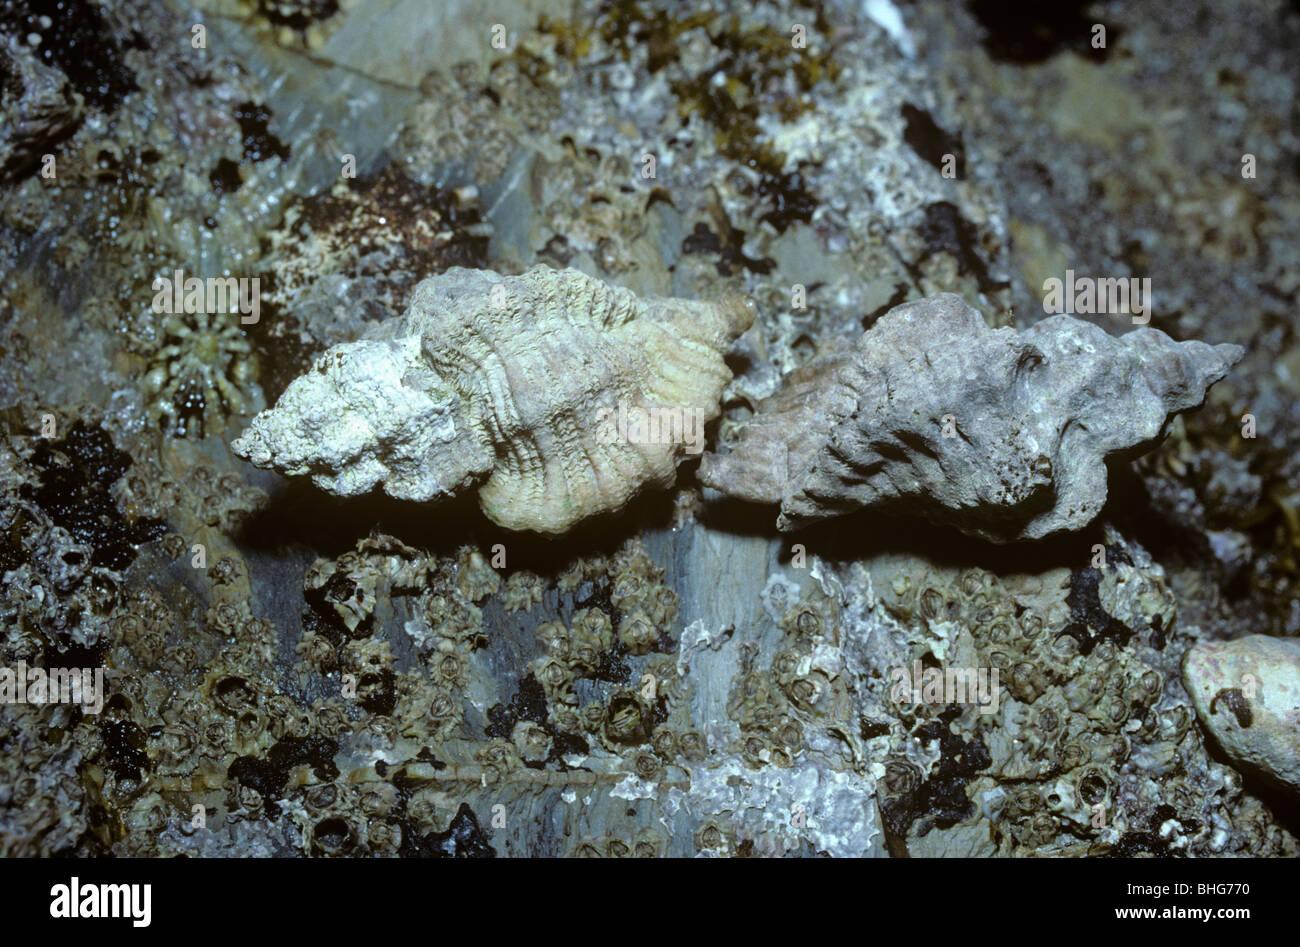 Europäische Sting Winkle (Ocenebra Erinacea: Muricidae) auf einem felsigen Ufer, UK Stockfoto